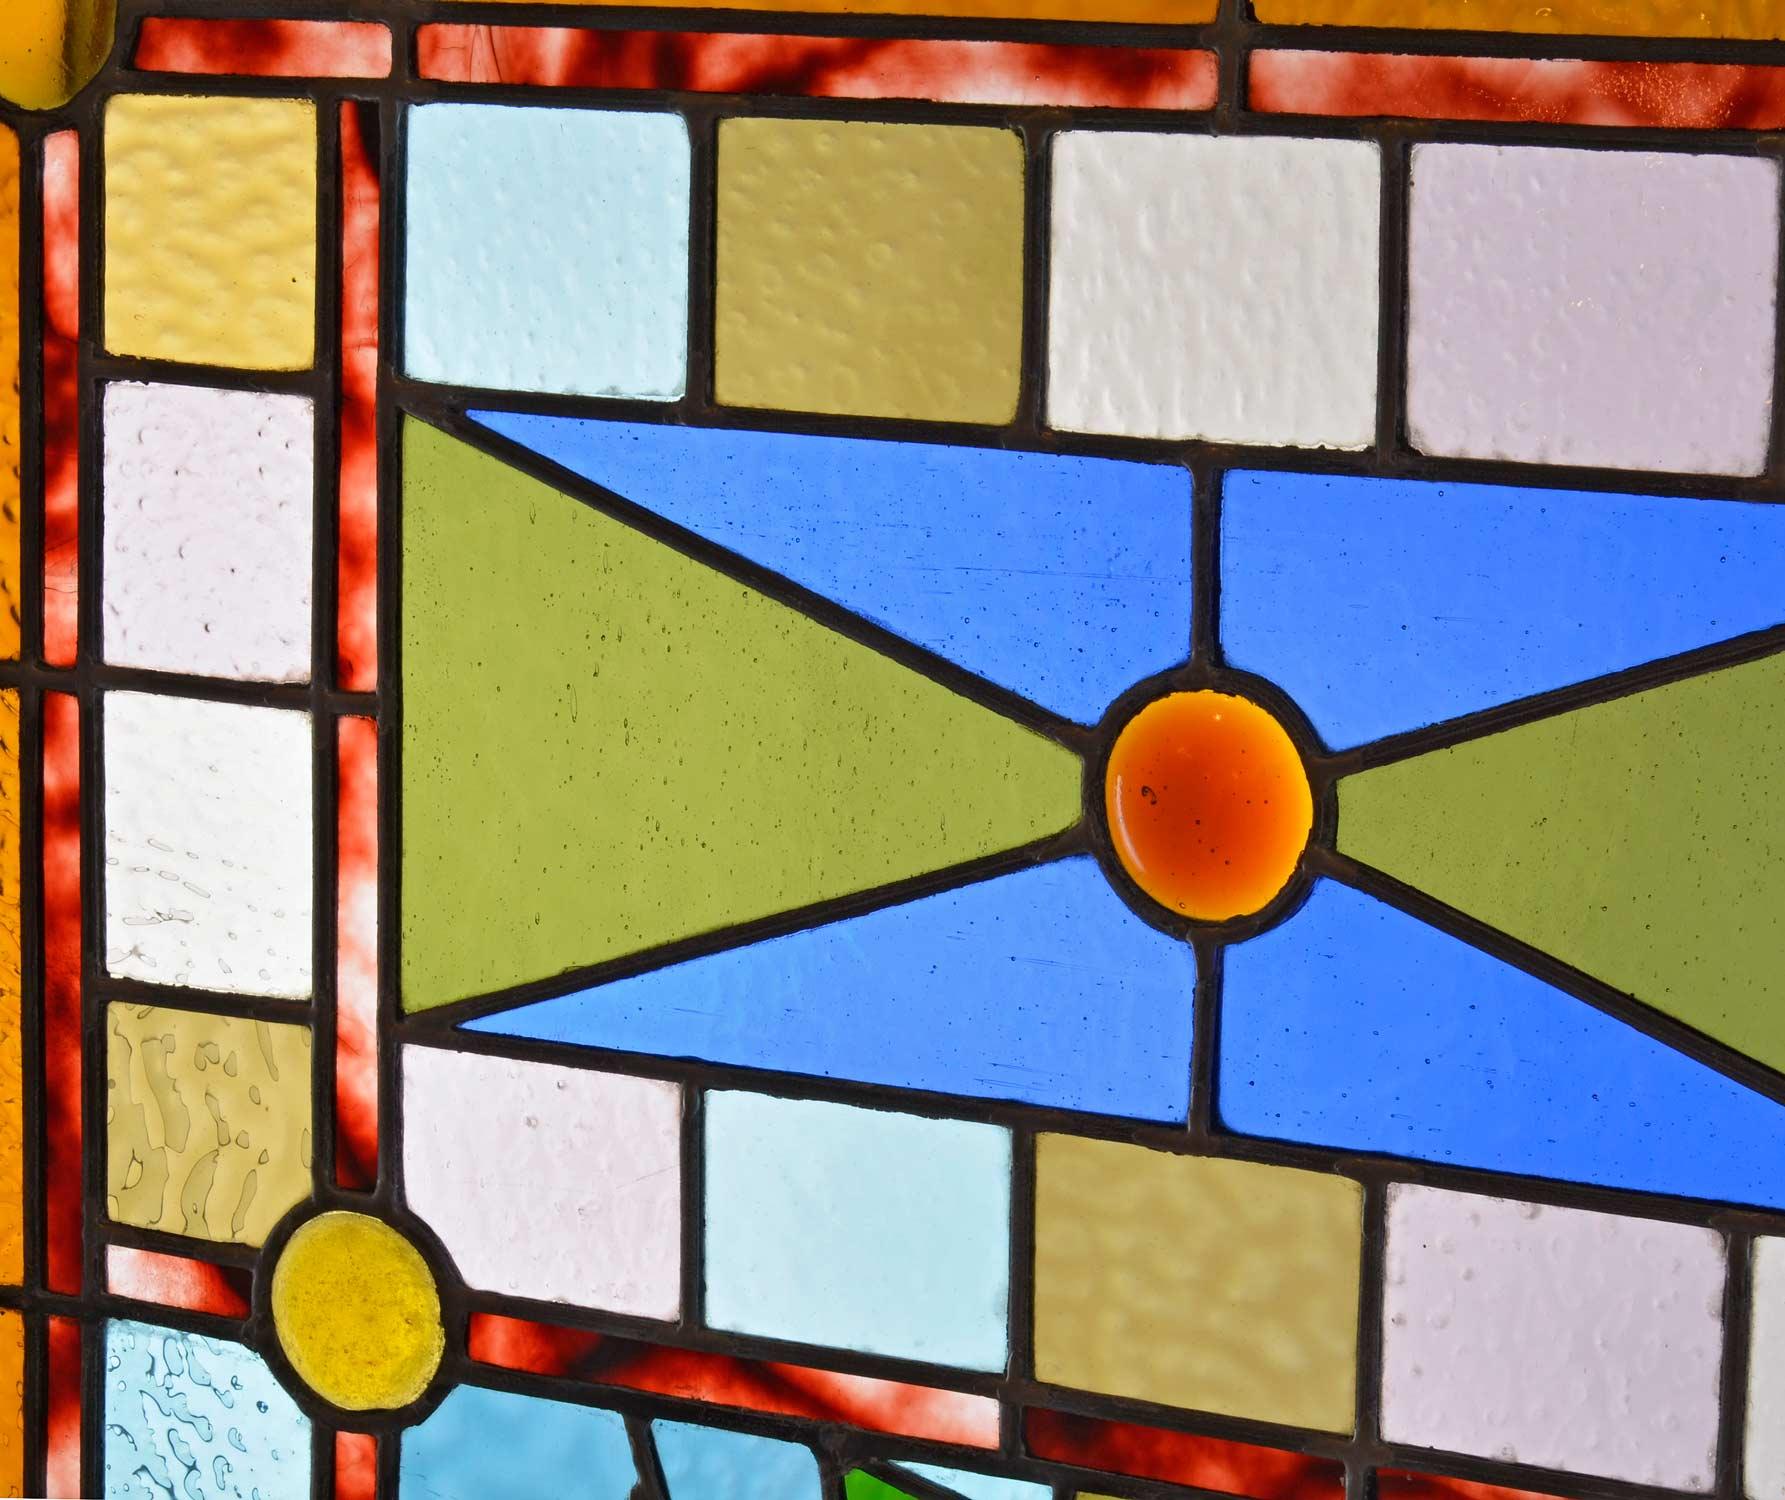 46377-aesthetic-victorian-floral-window-top-detail.jpg